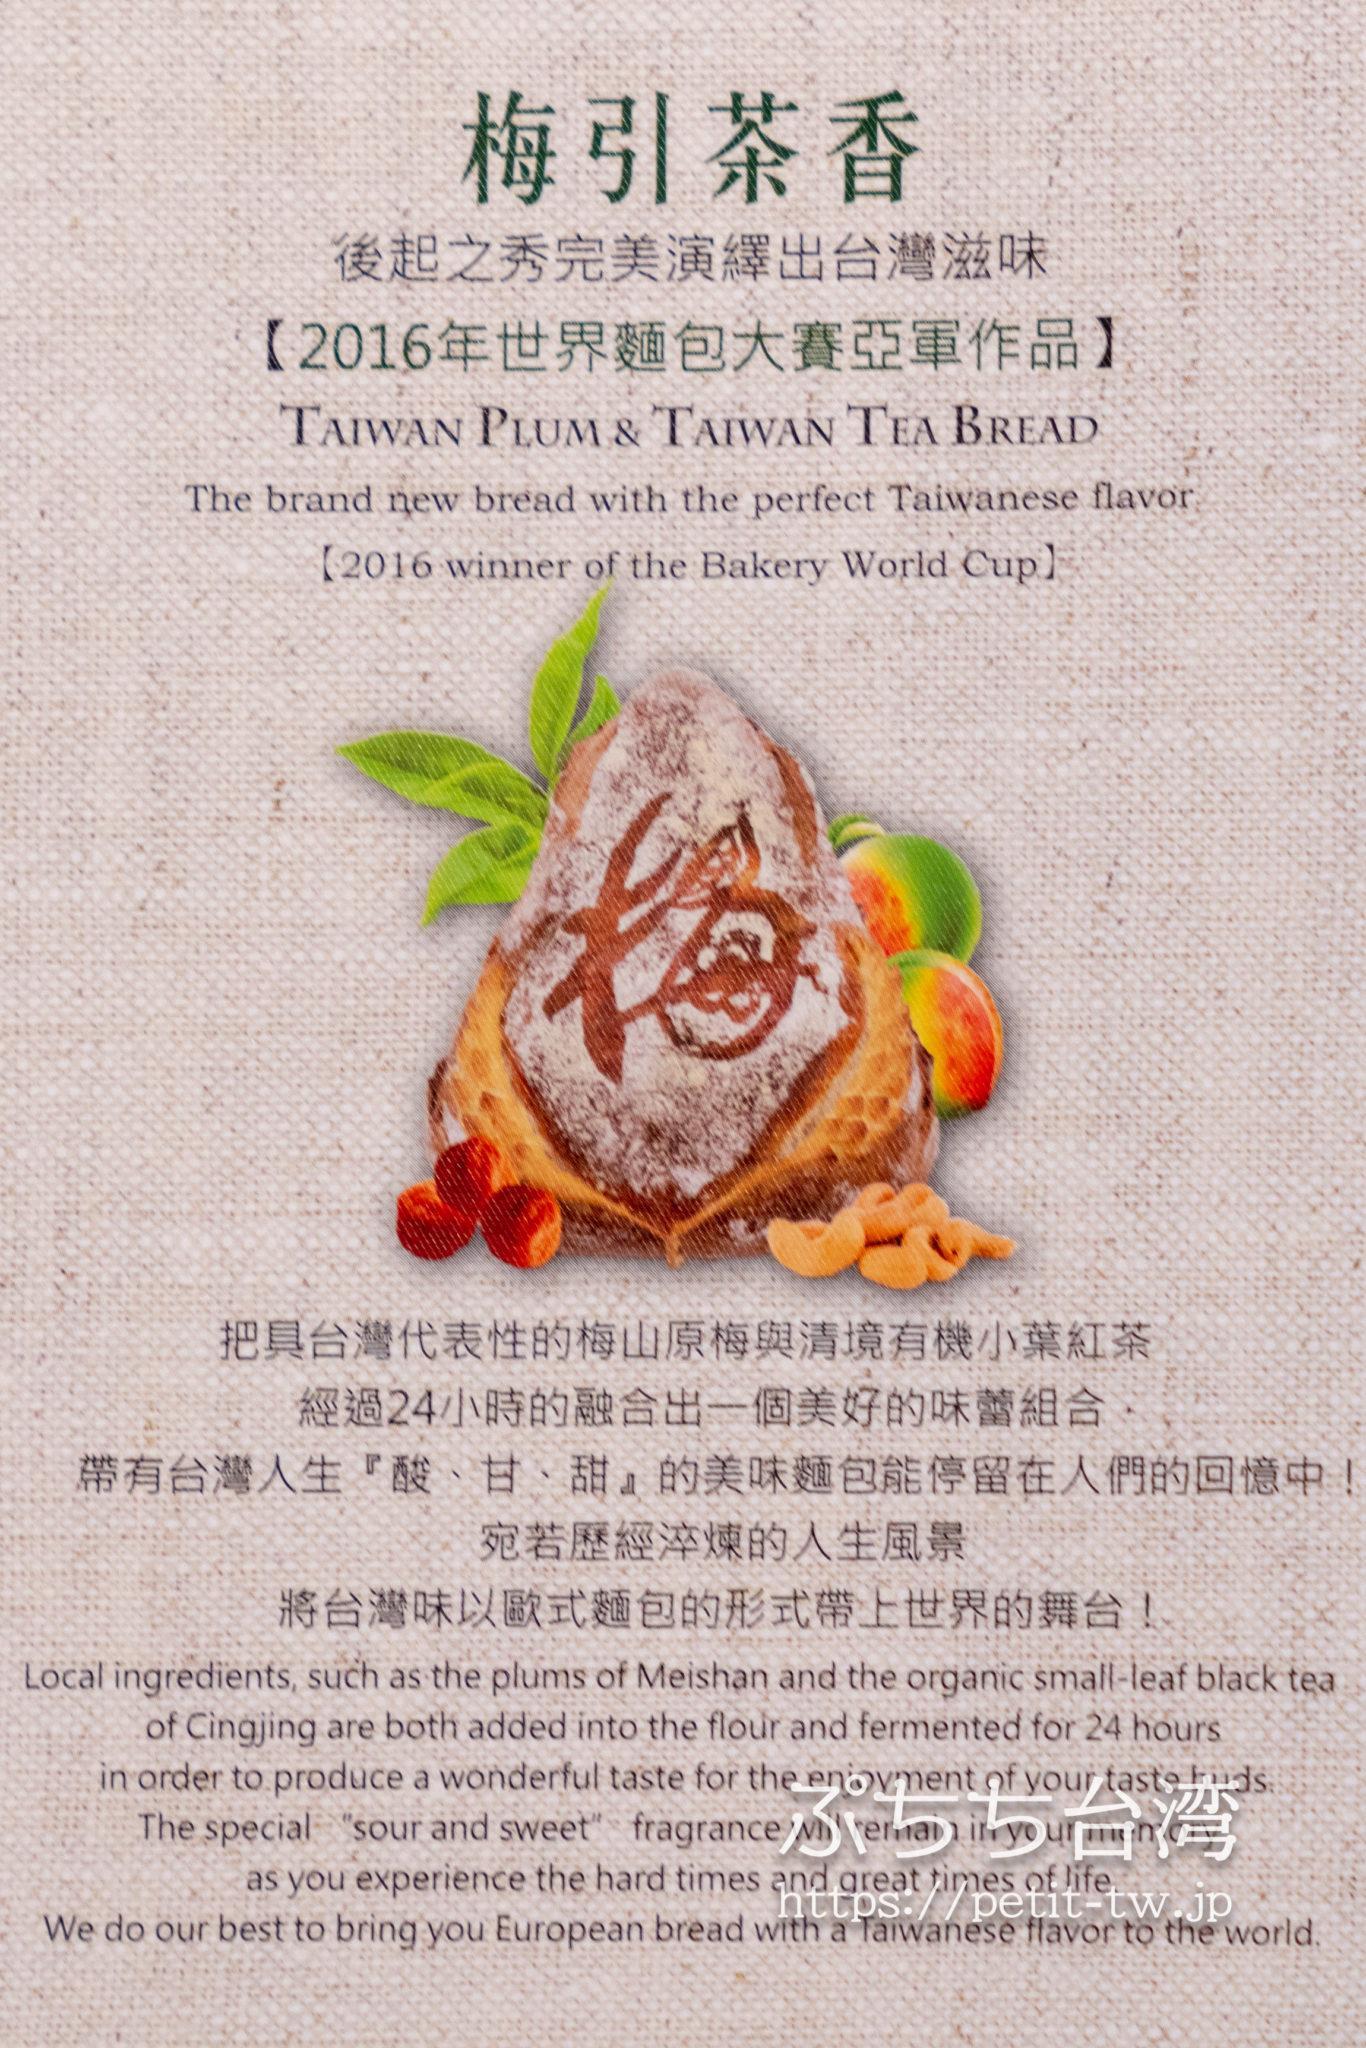 吳寶春麥方店のチャンピオンの梅引茶香 Taiwan Plum & Taiwan Tea Bread